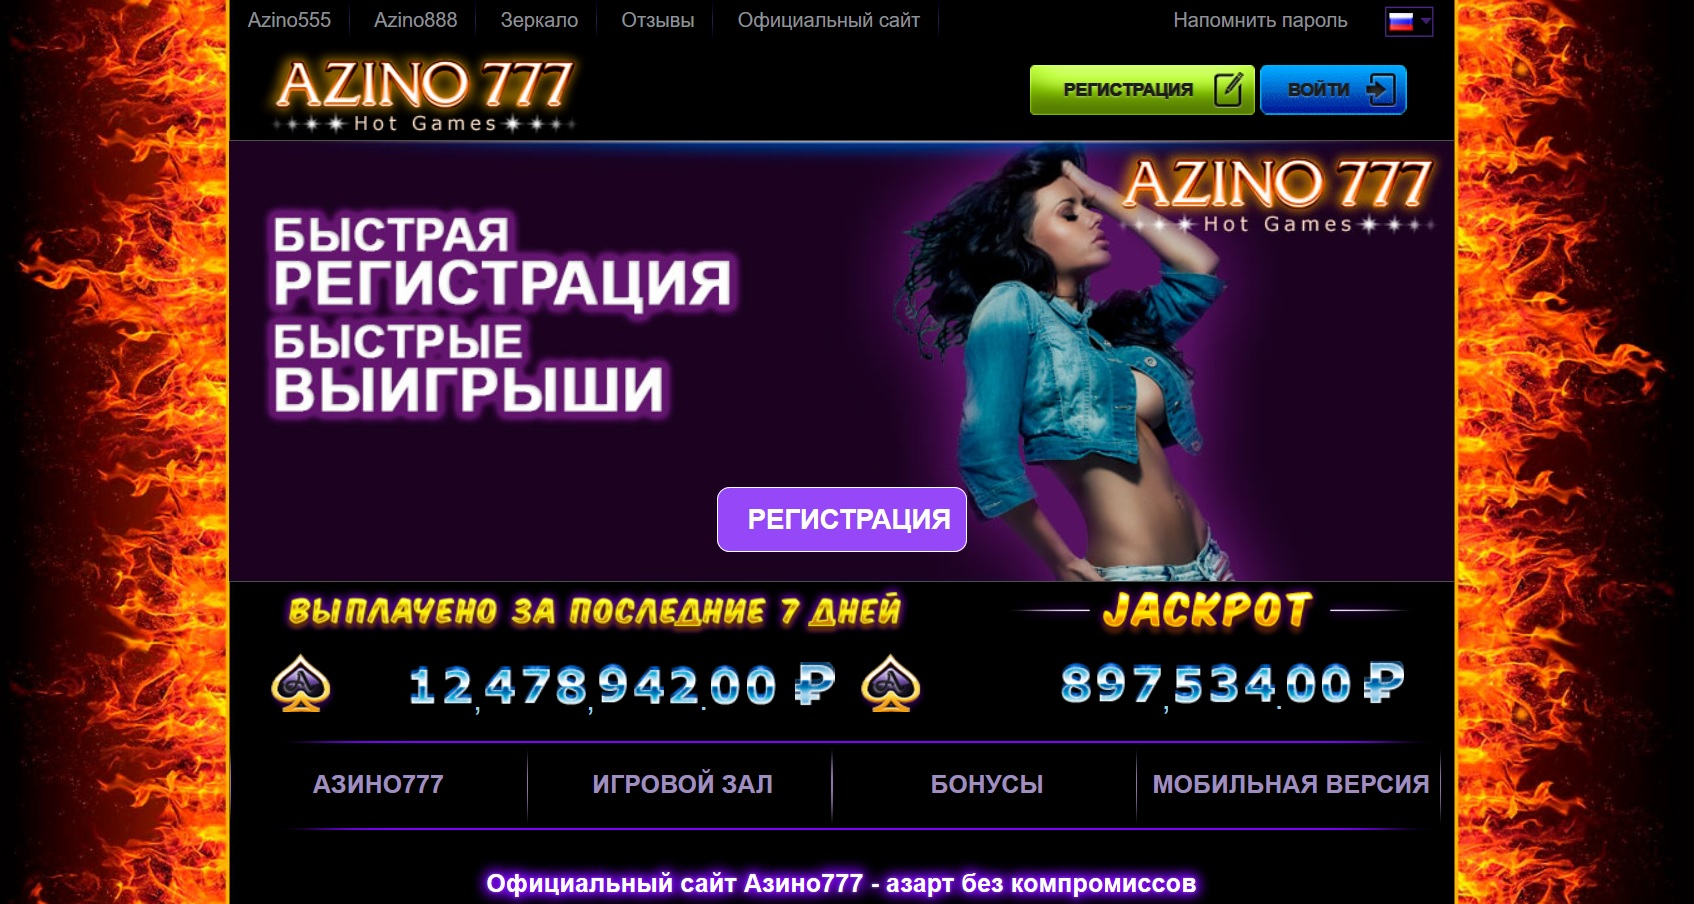 азино777 официальное зеркало